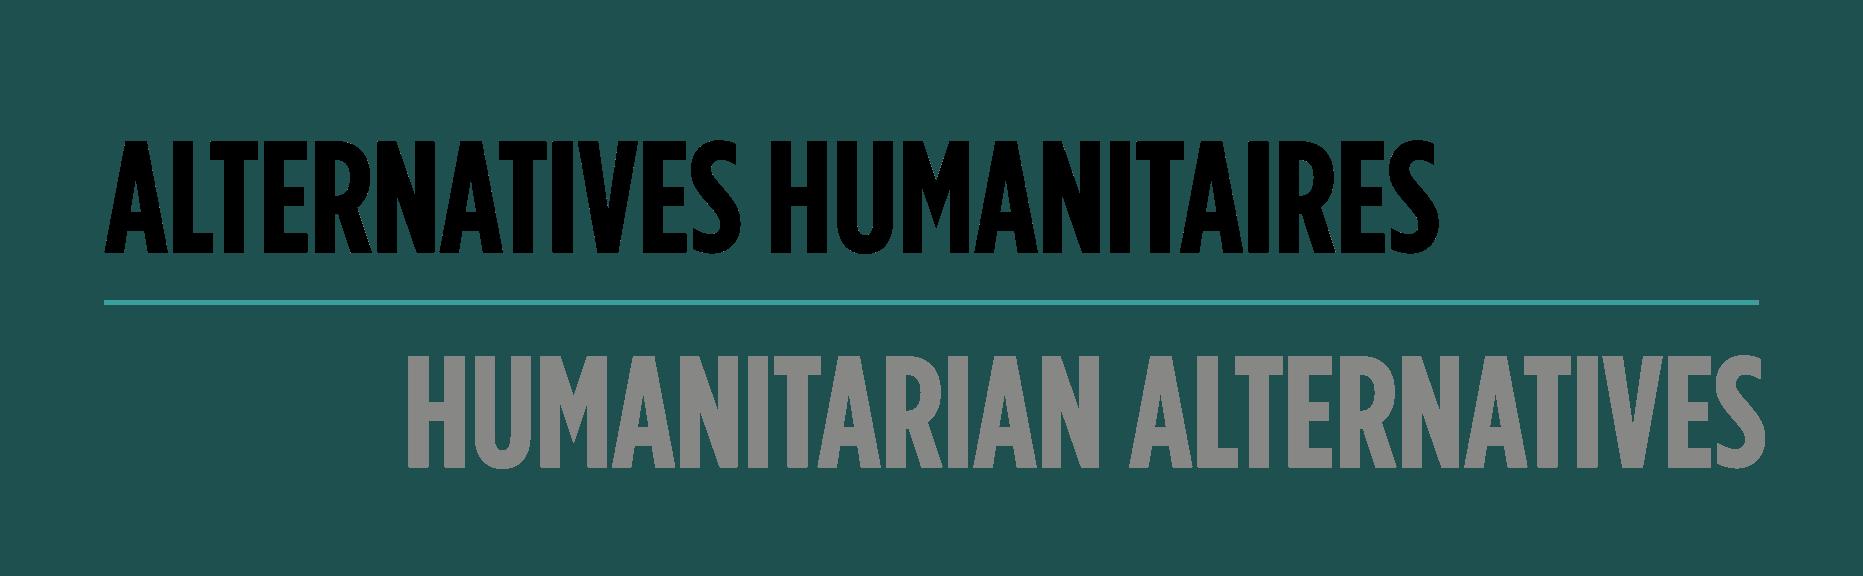 Humanitarian Alternatives